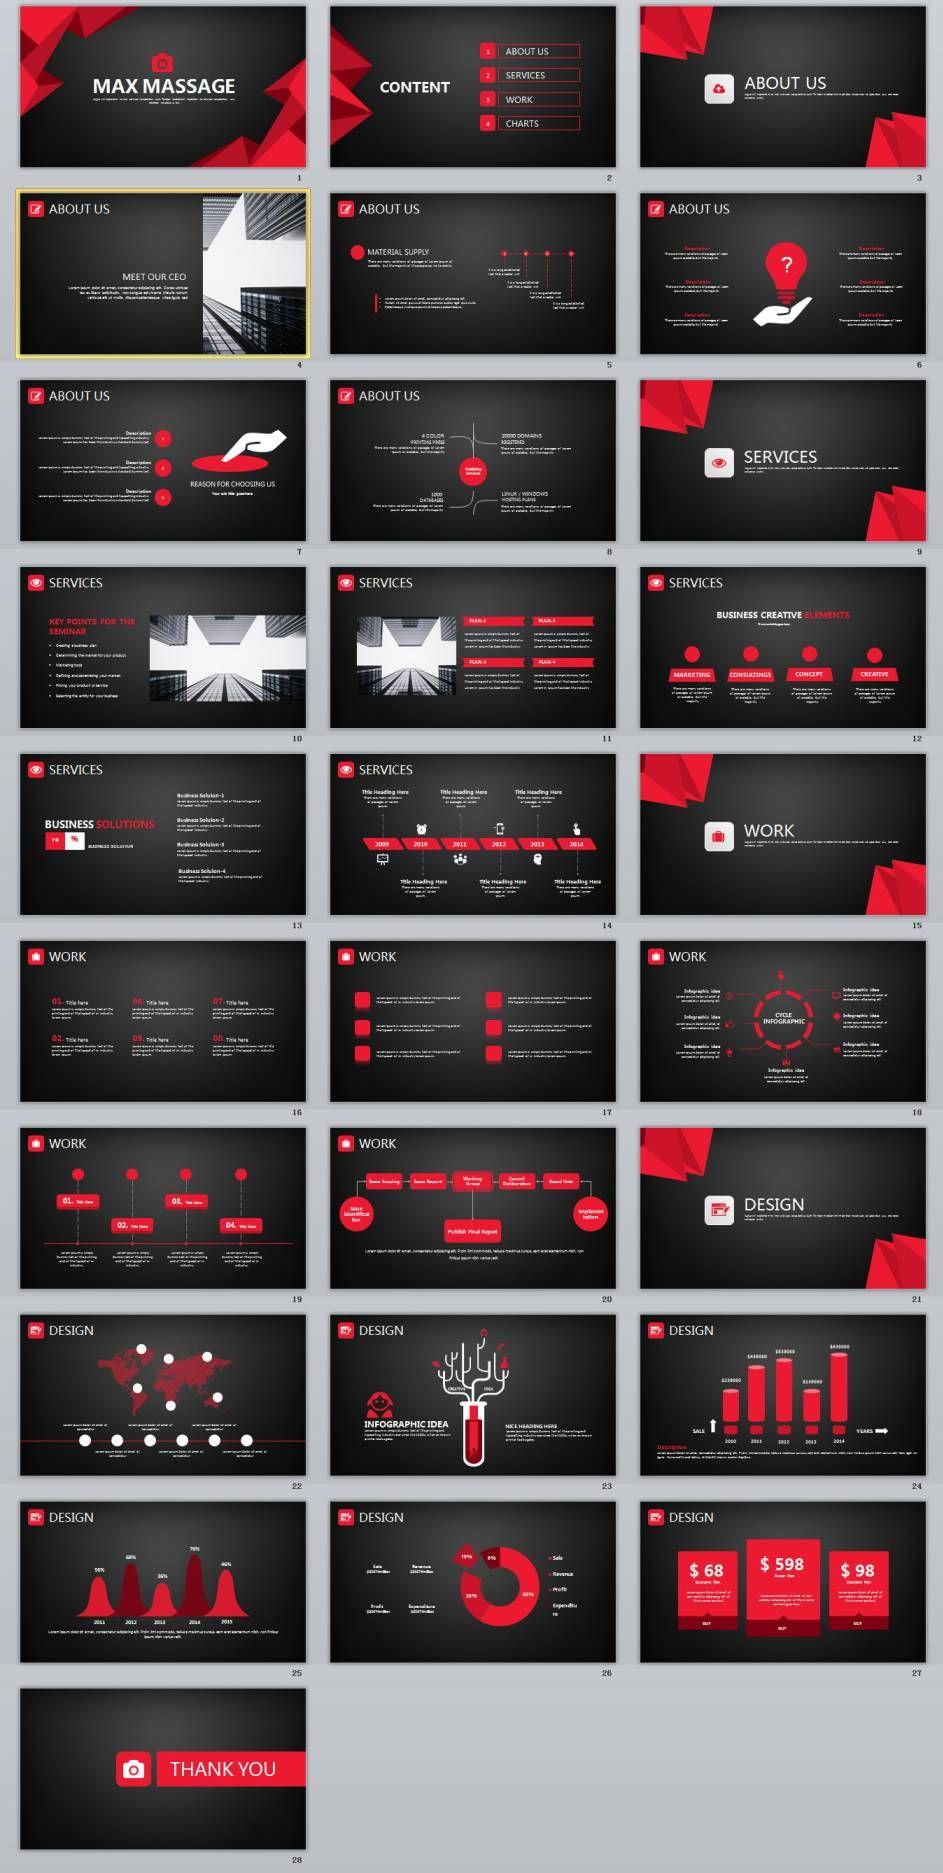 2017 best powerpoint templates 2017 best powerpoint templates the highest quality powerpoint templates and keynote templates download toneelgroepblik Gallery